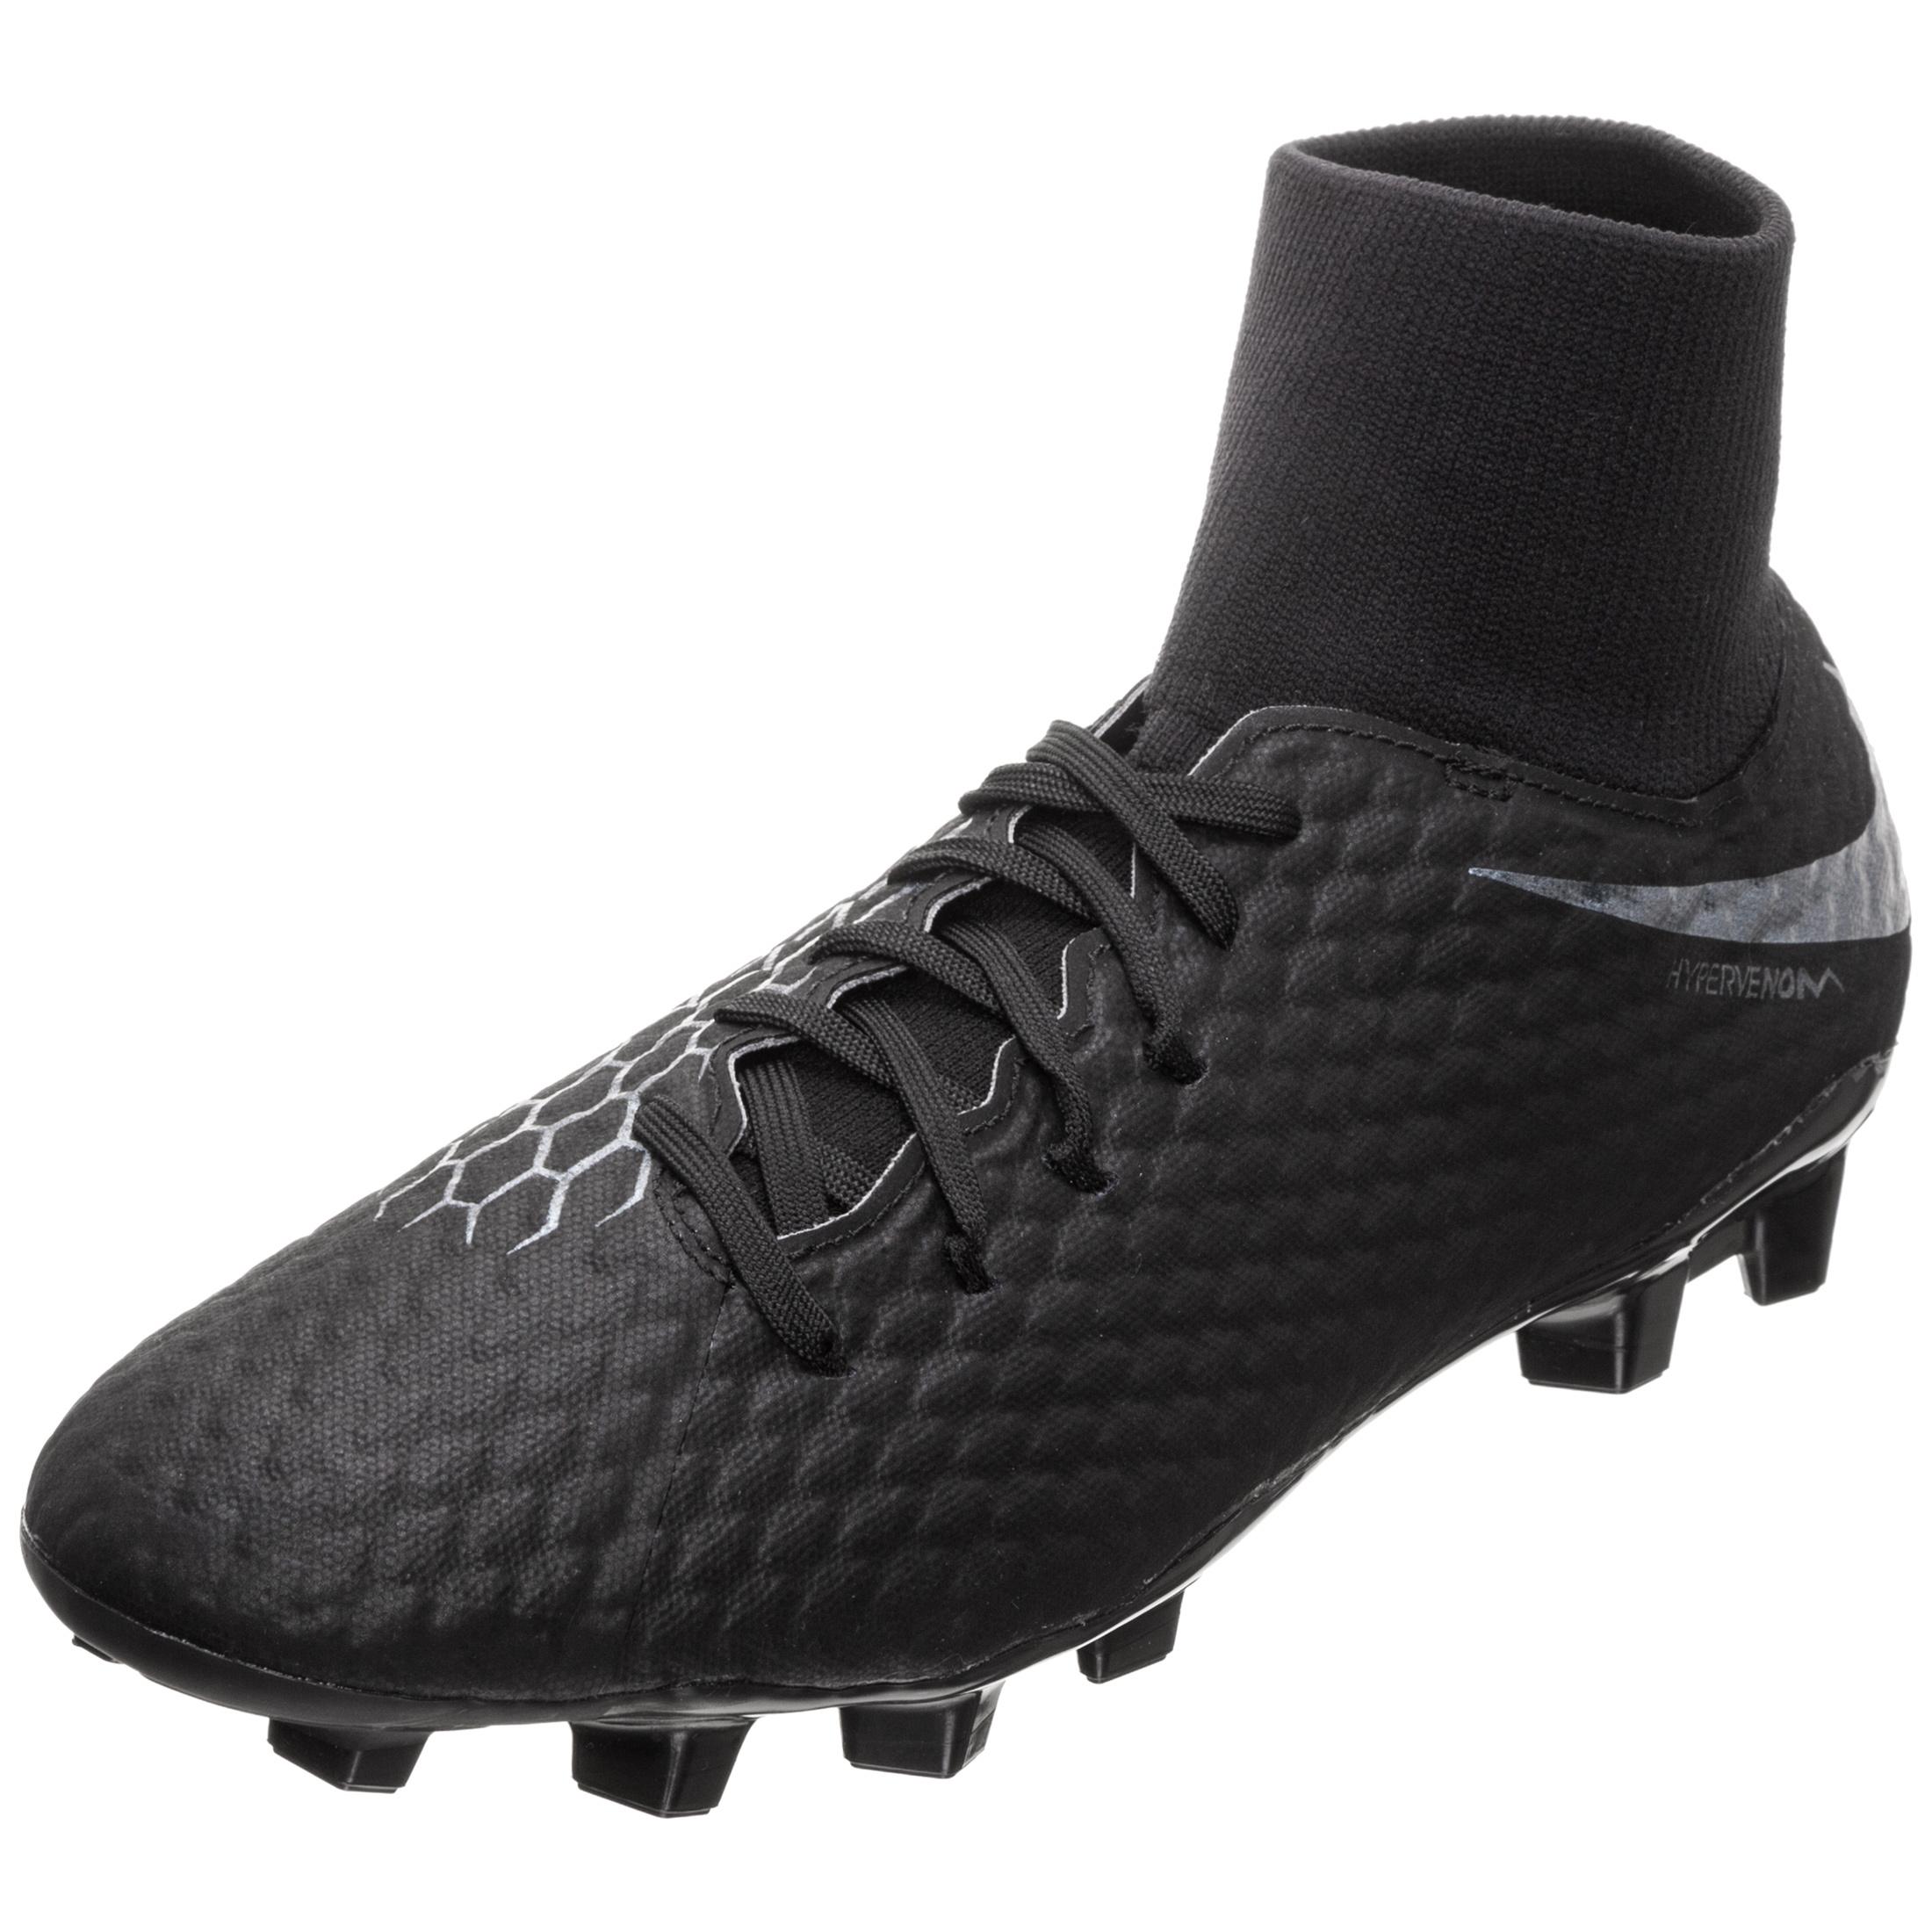 6056b0e13d86 Nike Hypervenom Football Boots